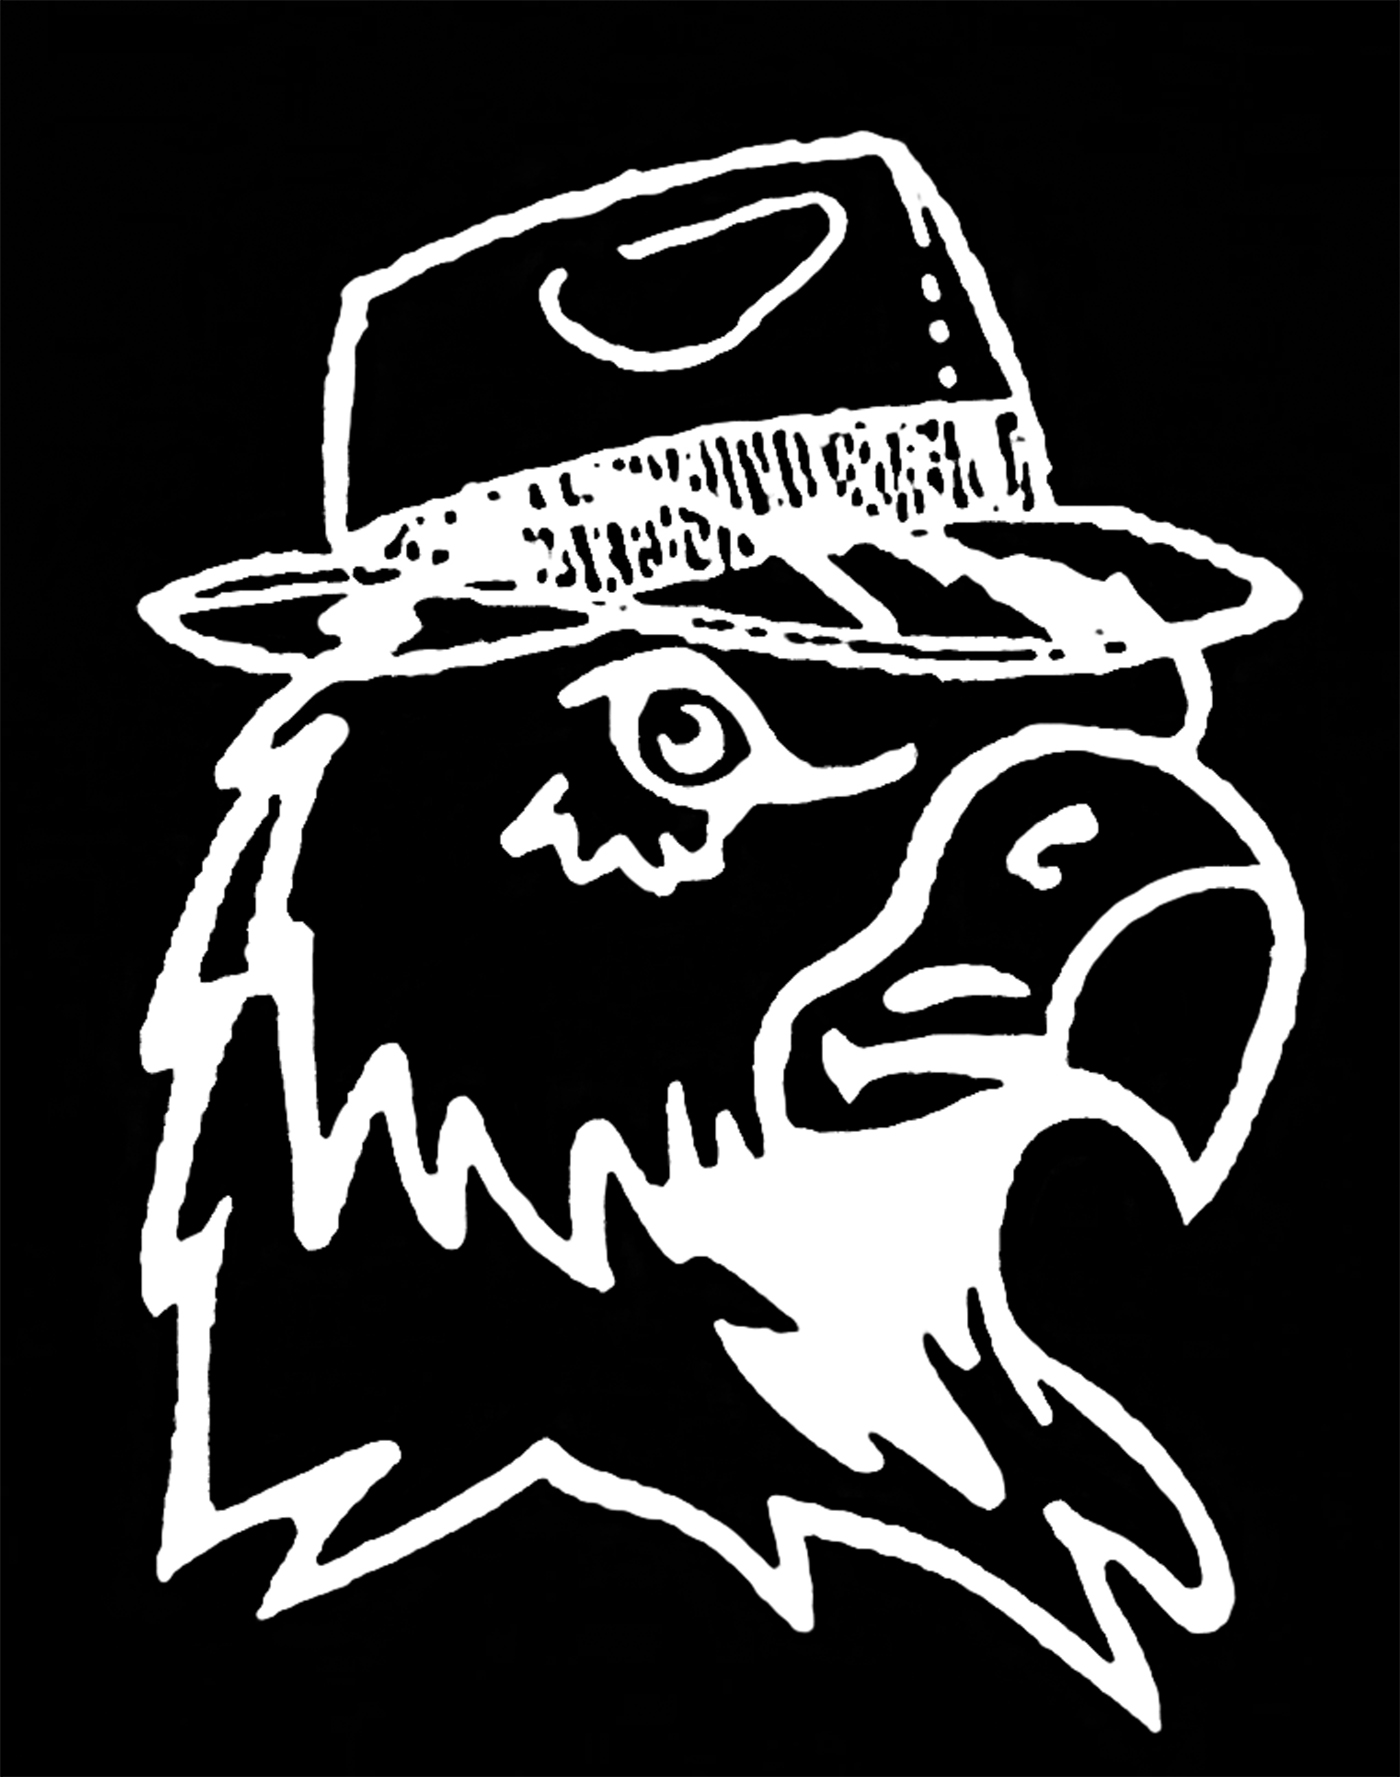 Dick Hawk